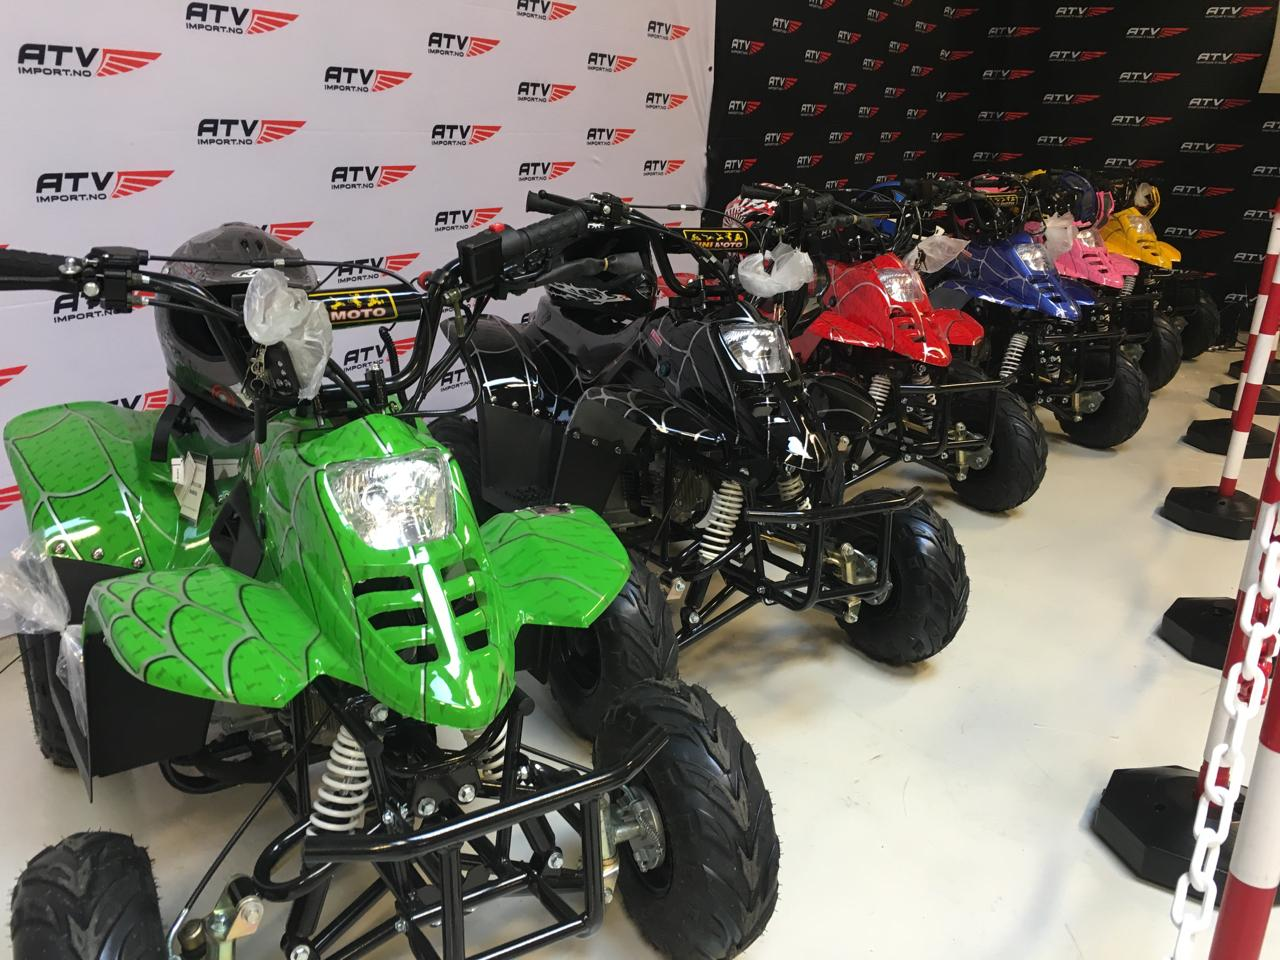 110cc spider modeller